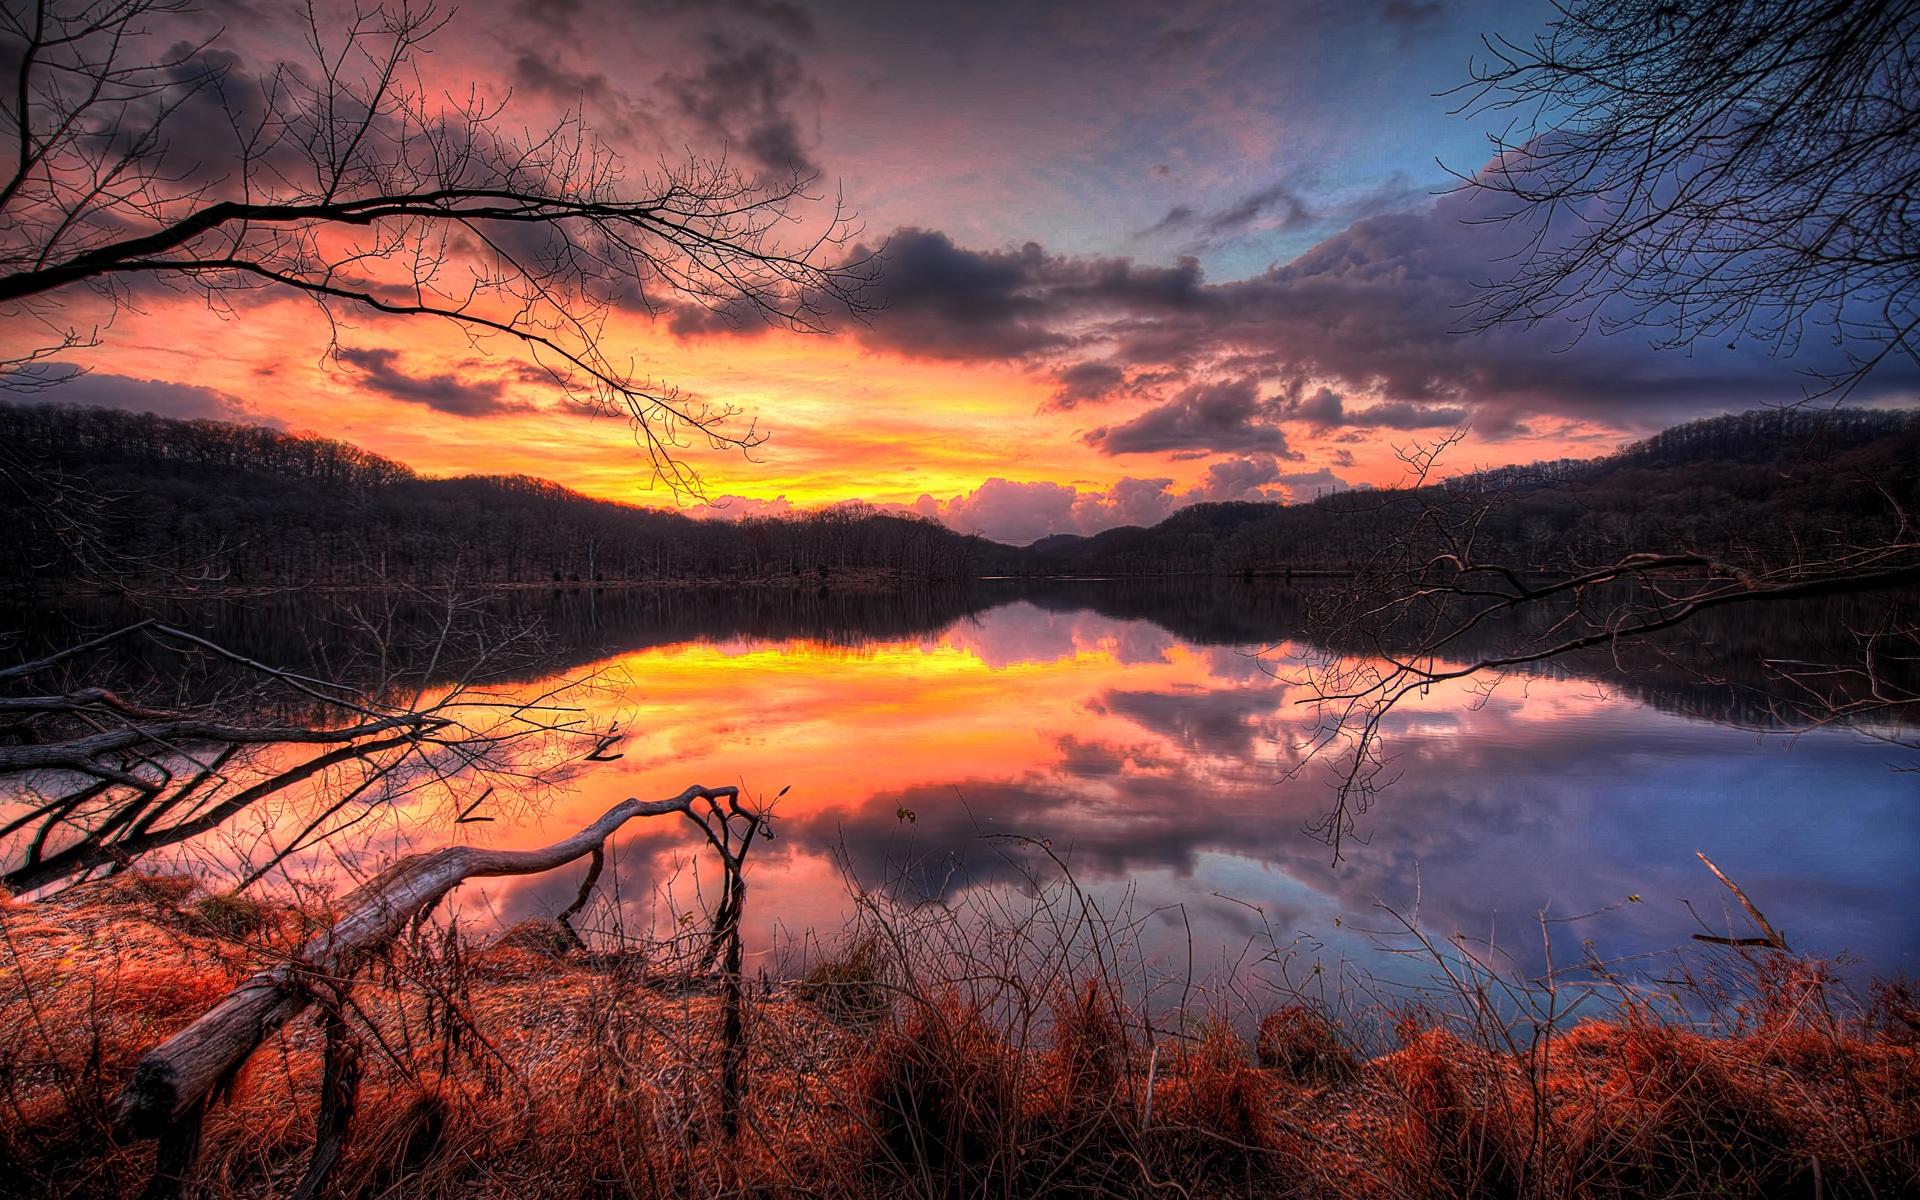 давно красивые картинки пейзаж закат лучшие поздравления последний